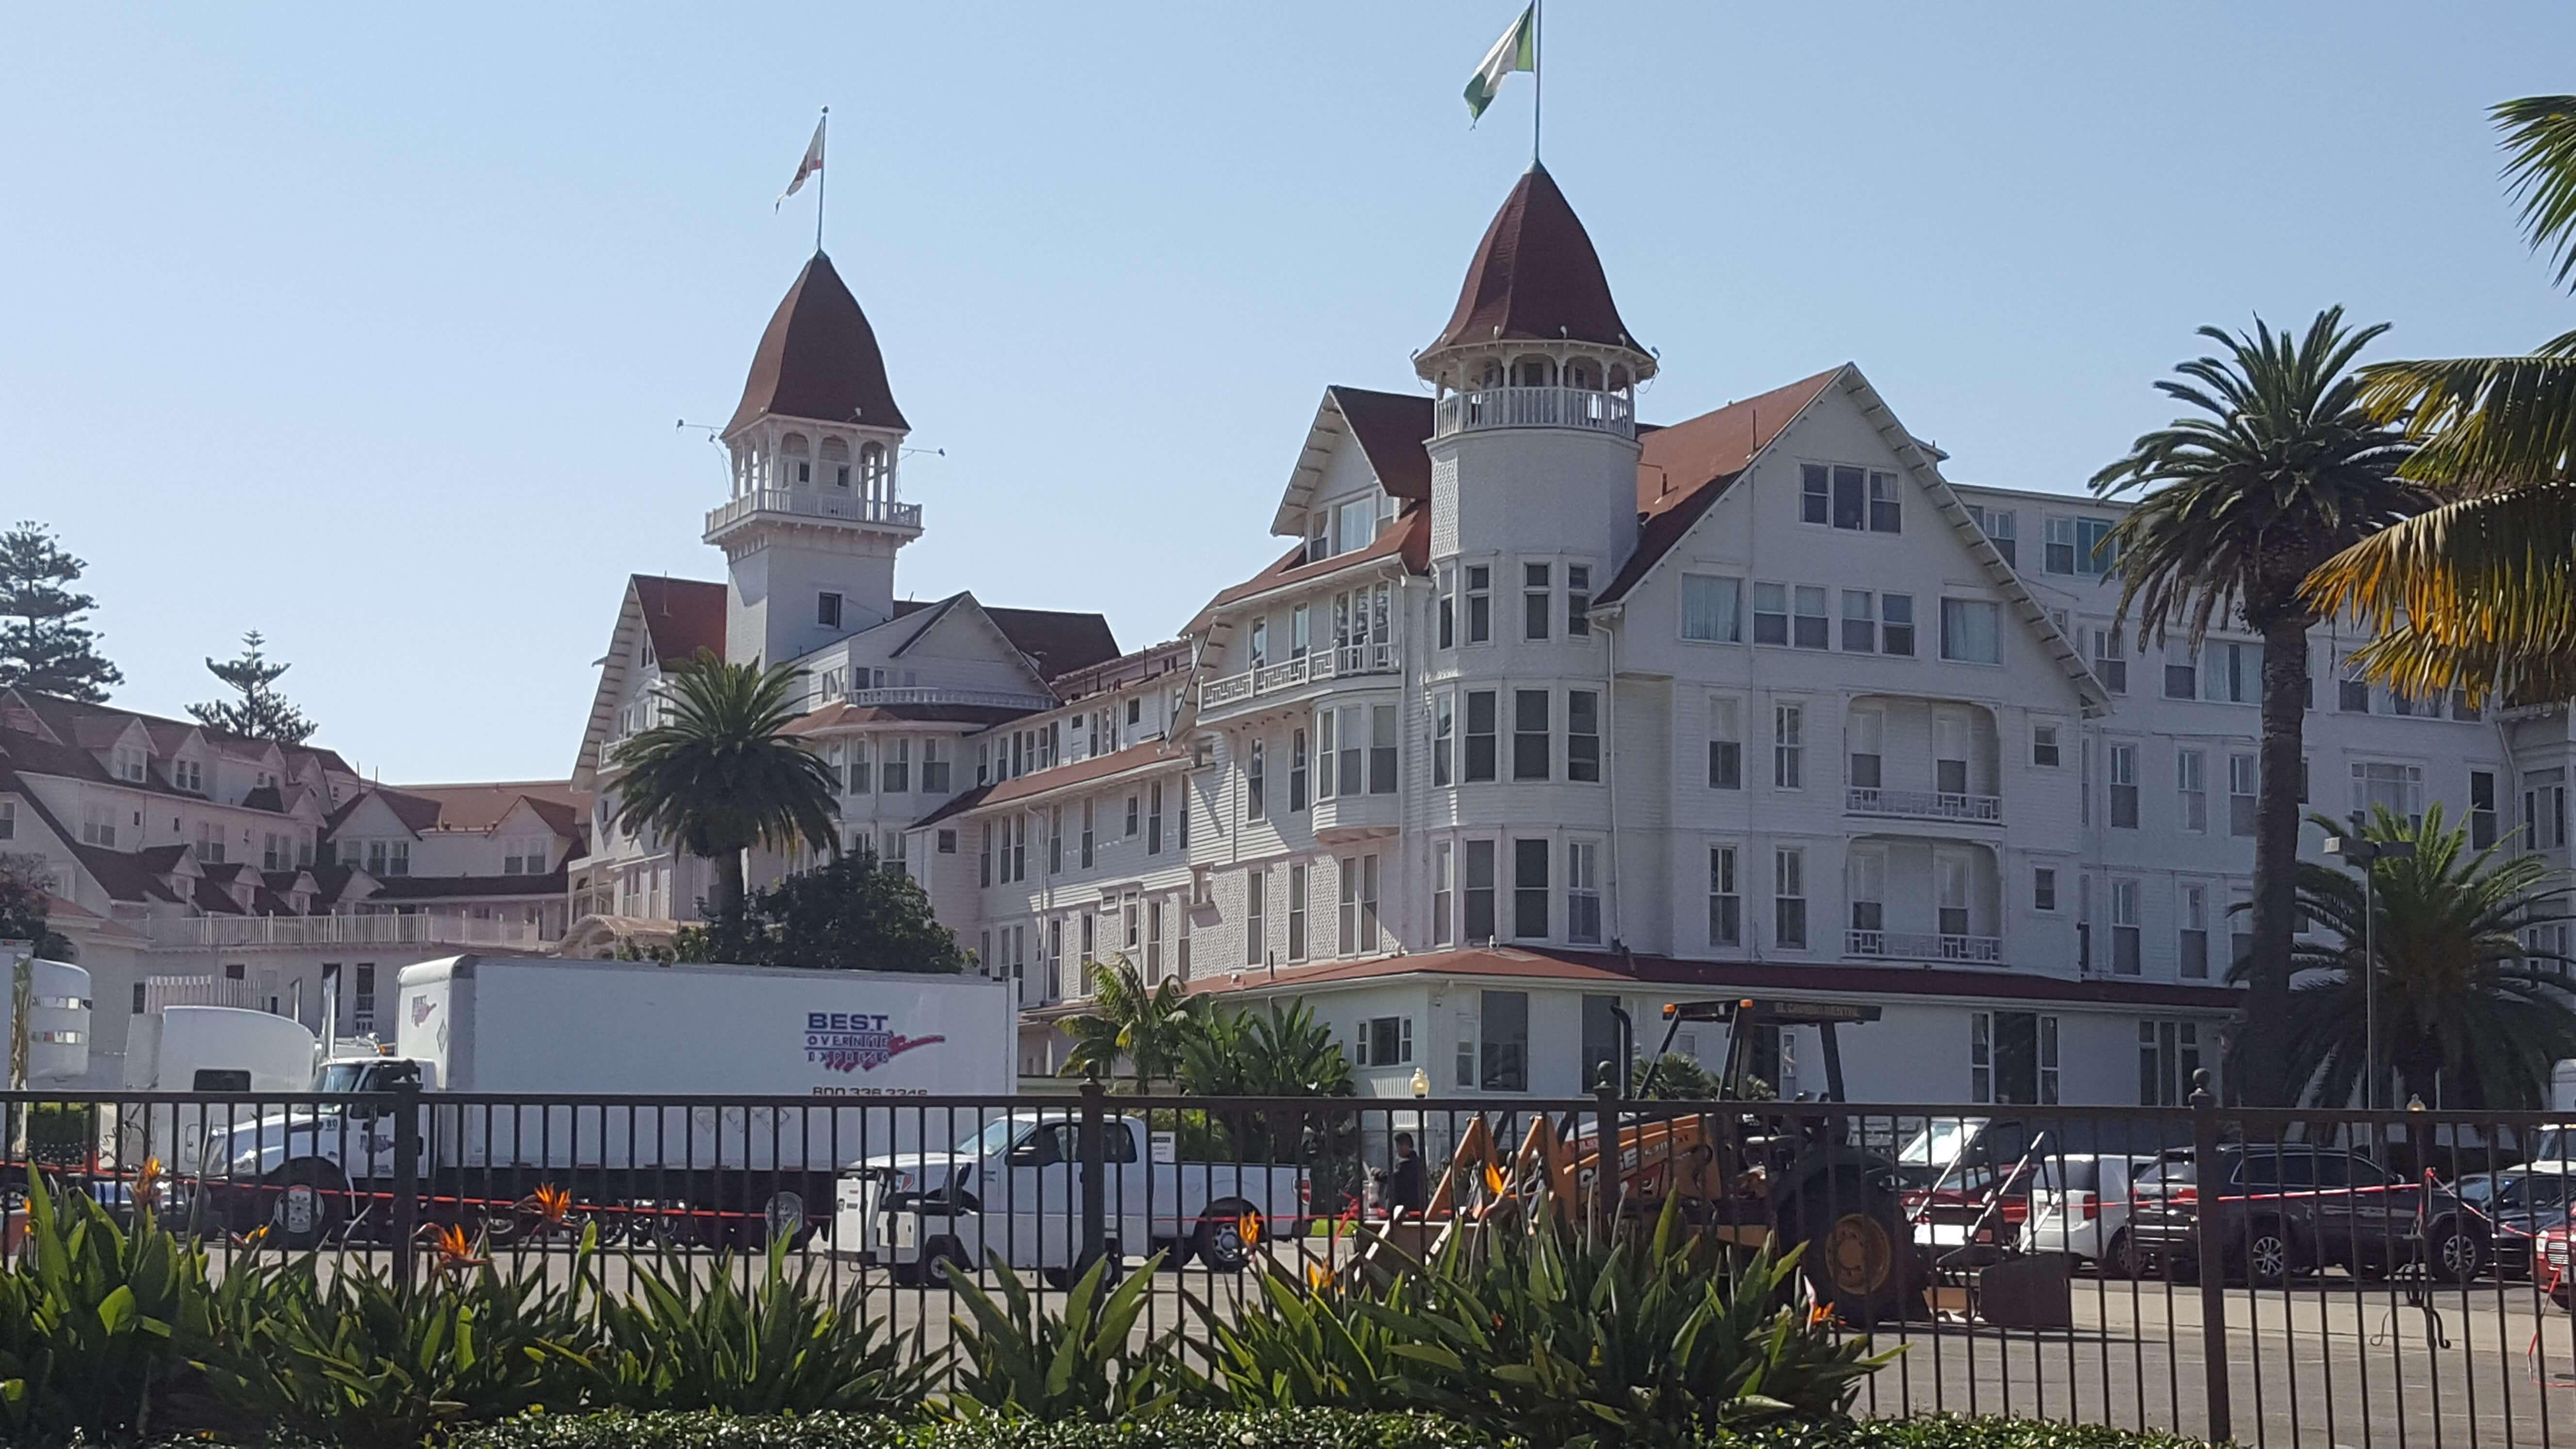 The massive Hotel Del Coronado